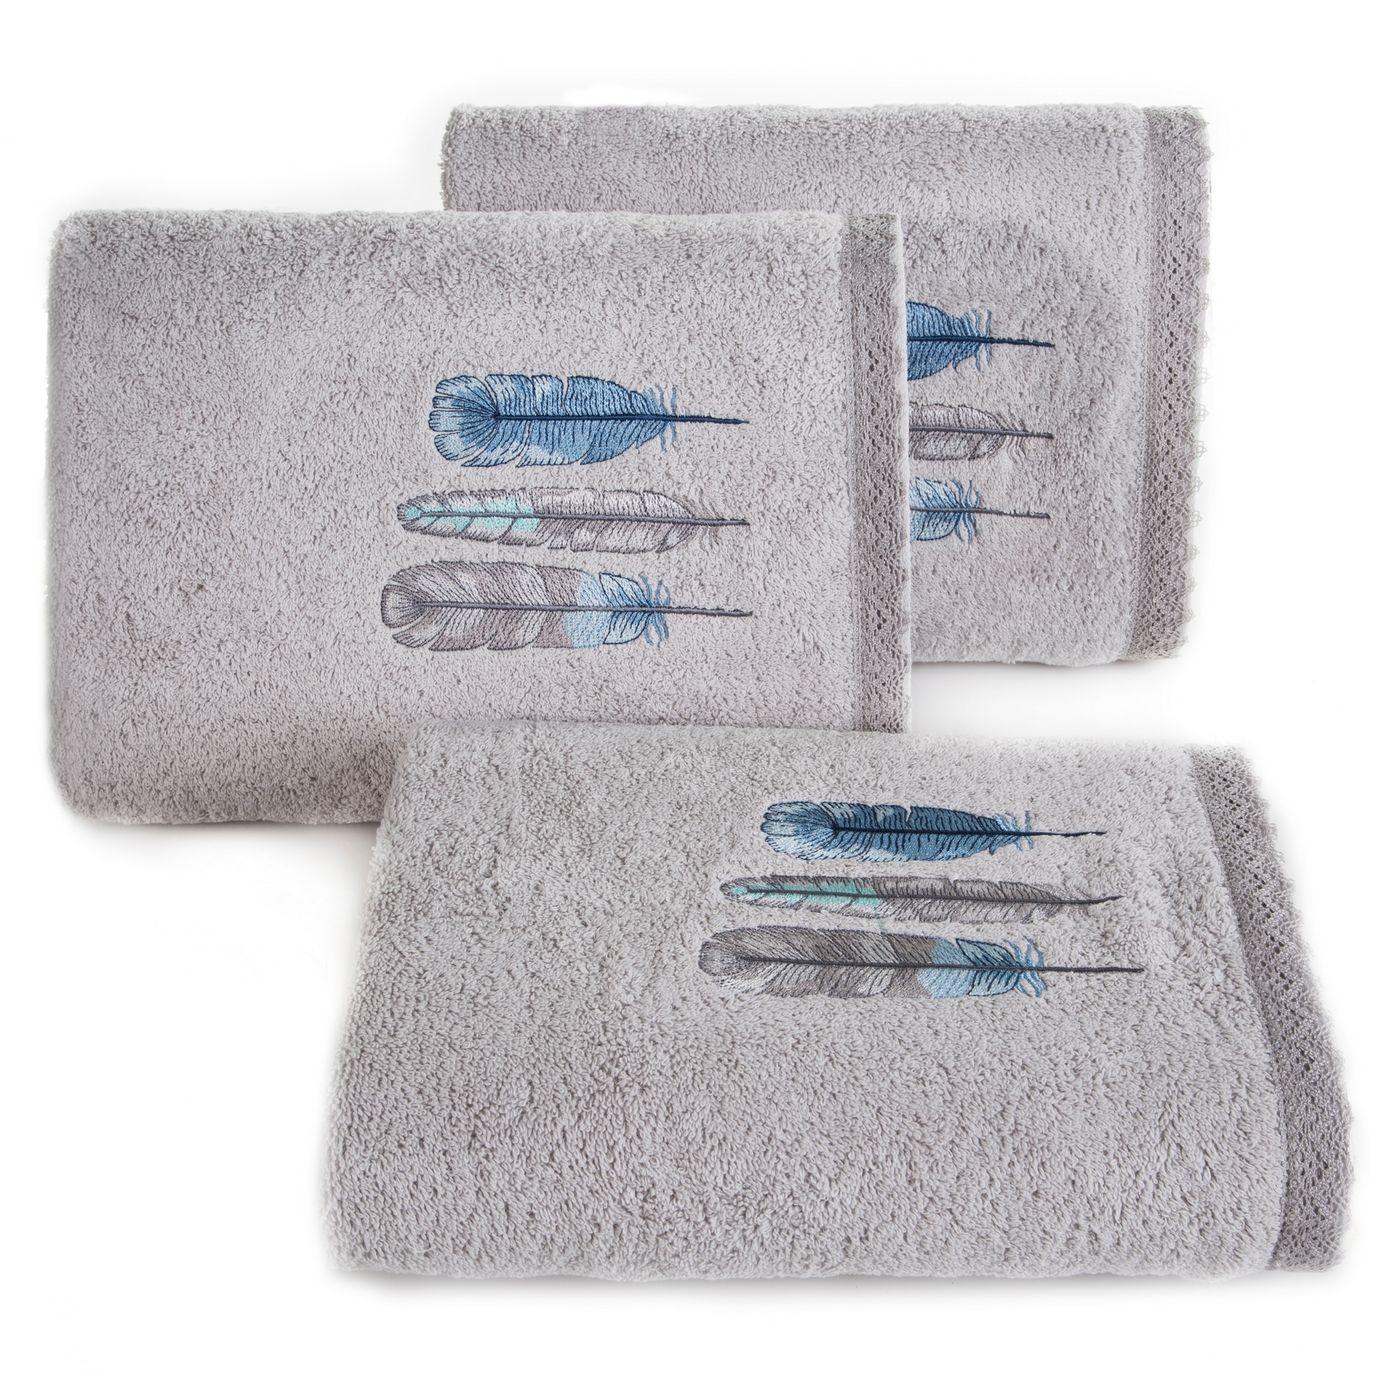 Haftowany ręcznik kąpielowy z motywem piór srebrny 50x90 cm